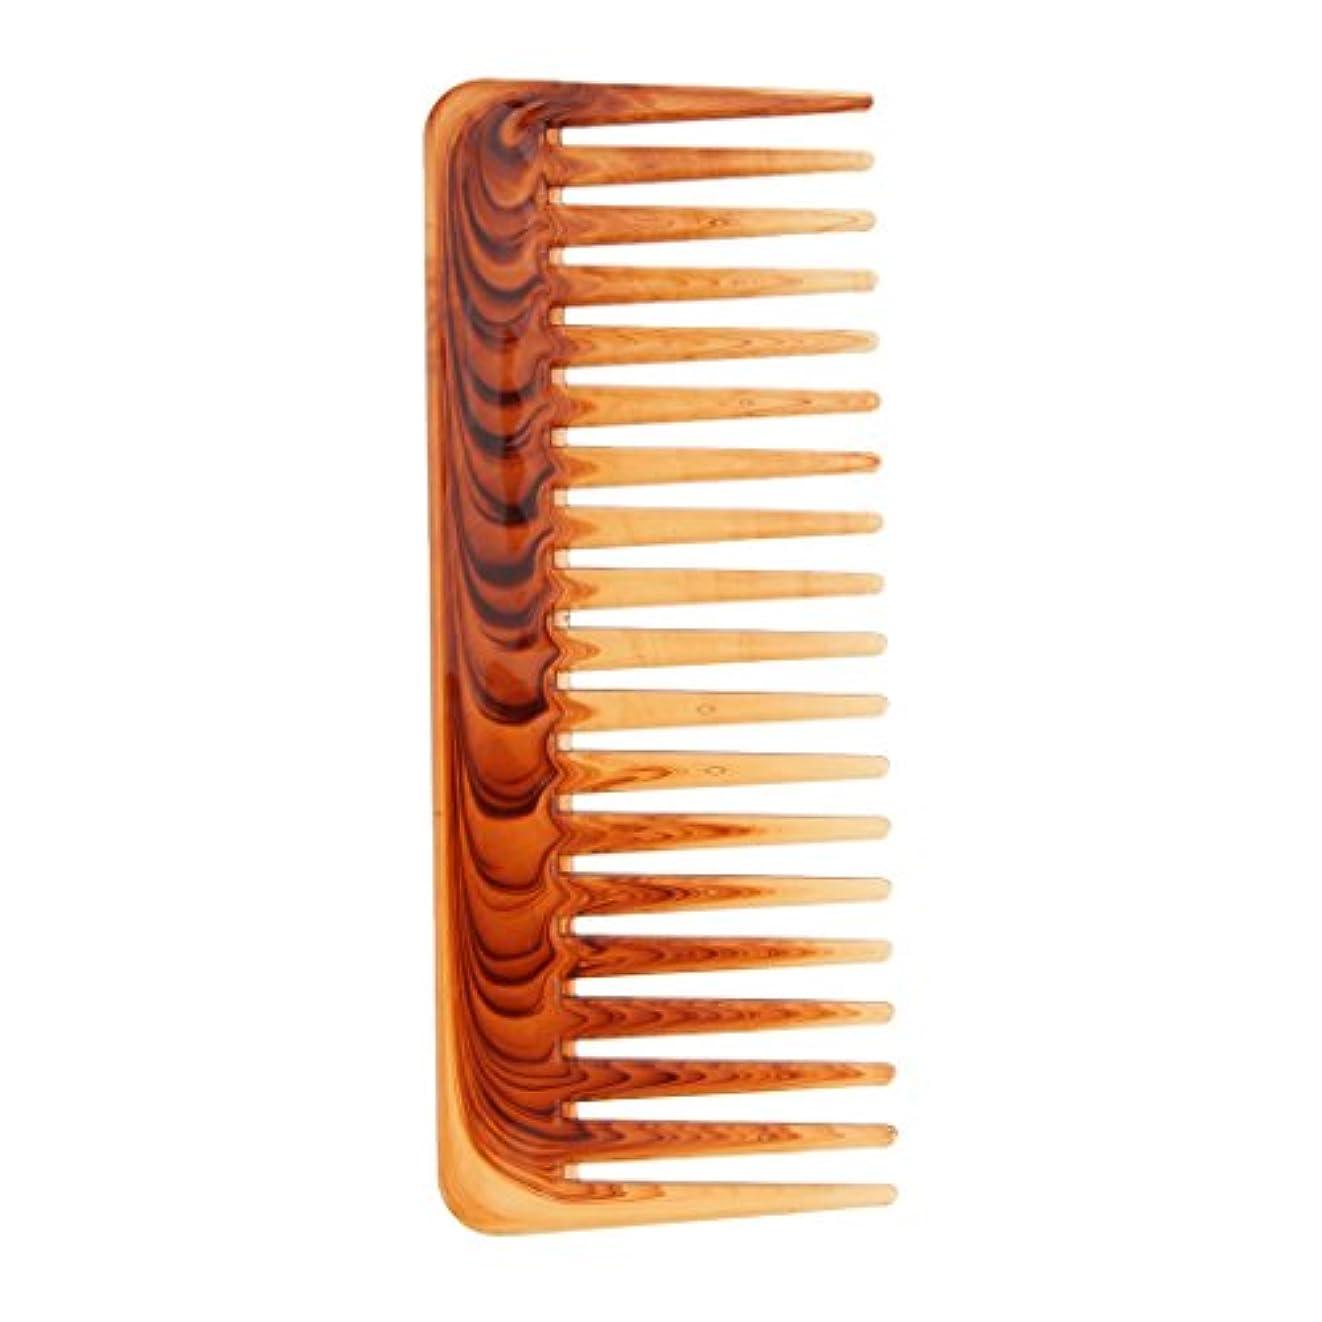 圧縮とても多くの求人Toygogo 髪の毛のもつれを解くヘアコンディショニング熊手櫛広い歯ヘアブラシツール